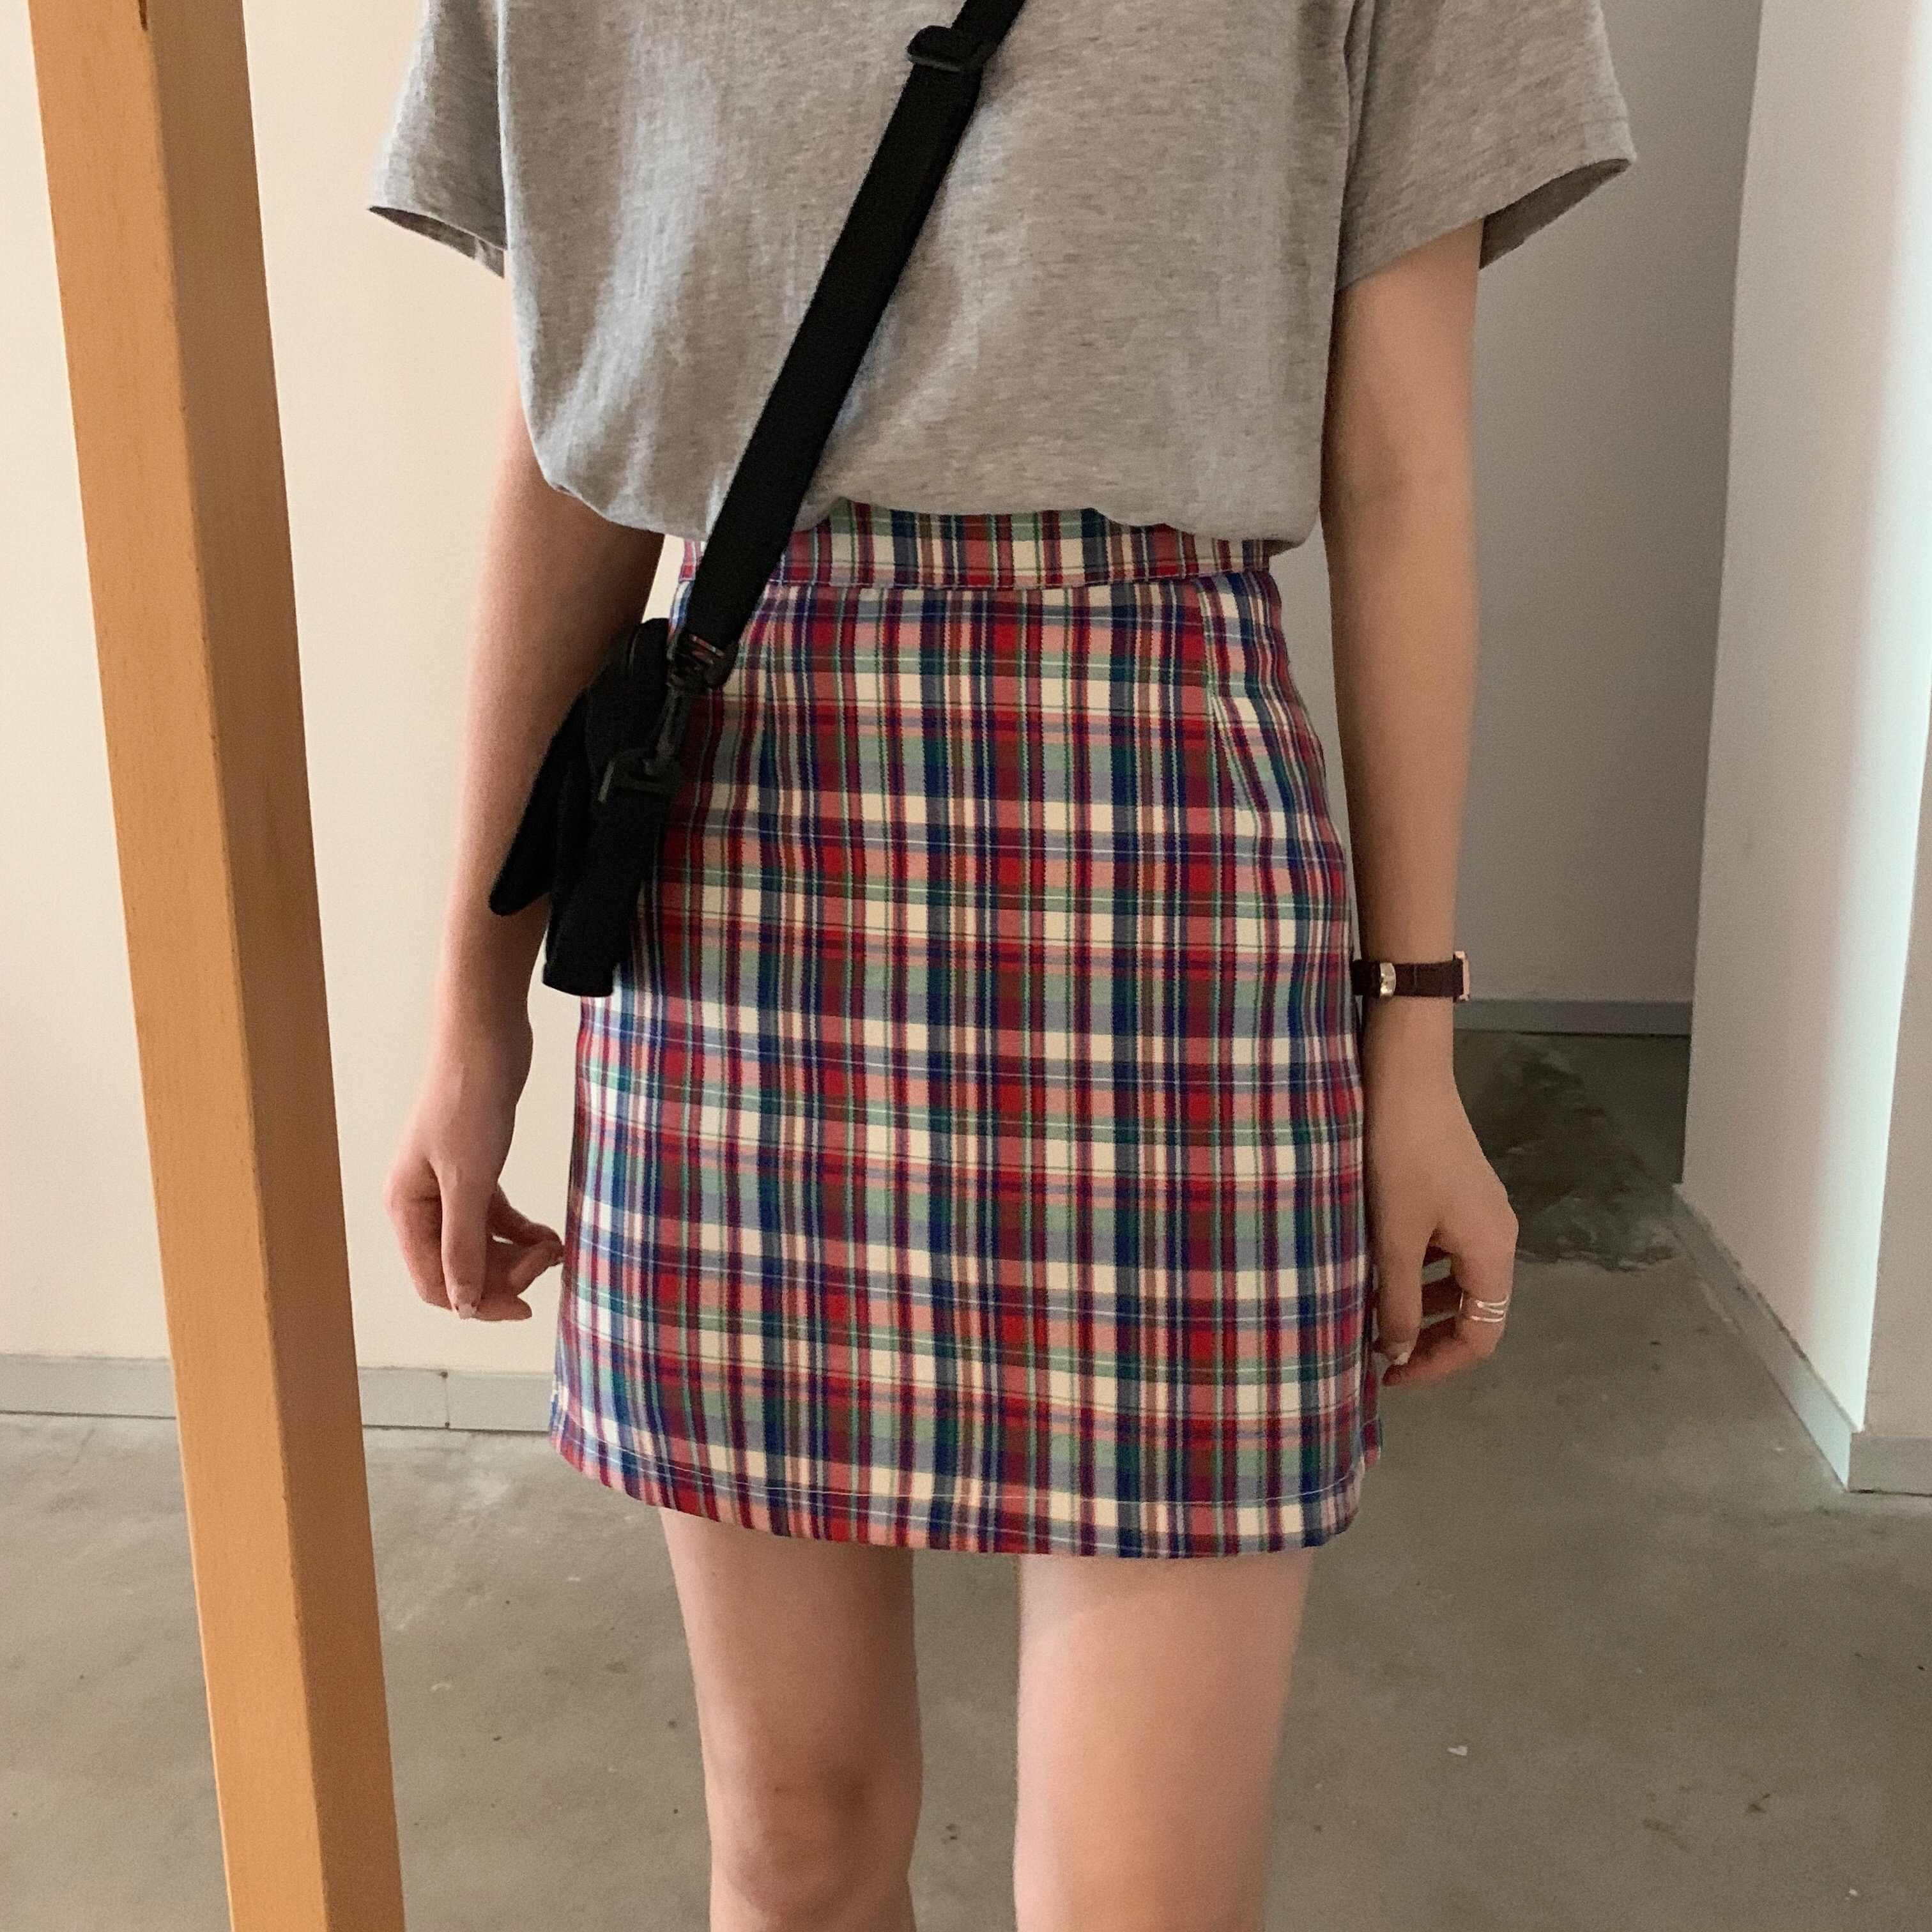 韩国复古半身拼色夏季格子裙短裙修身显瘦百搭高腰格子裙A字裙女